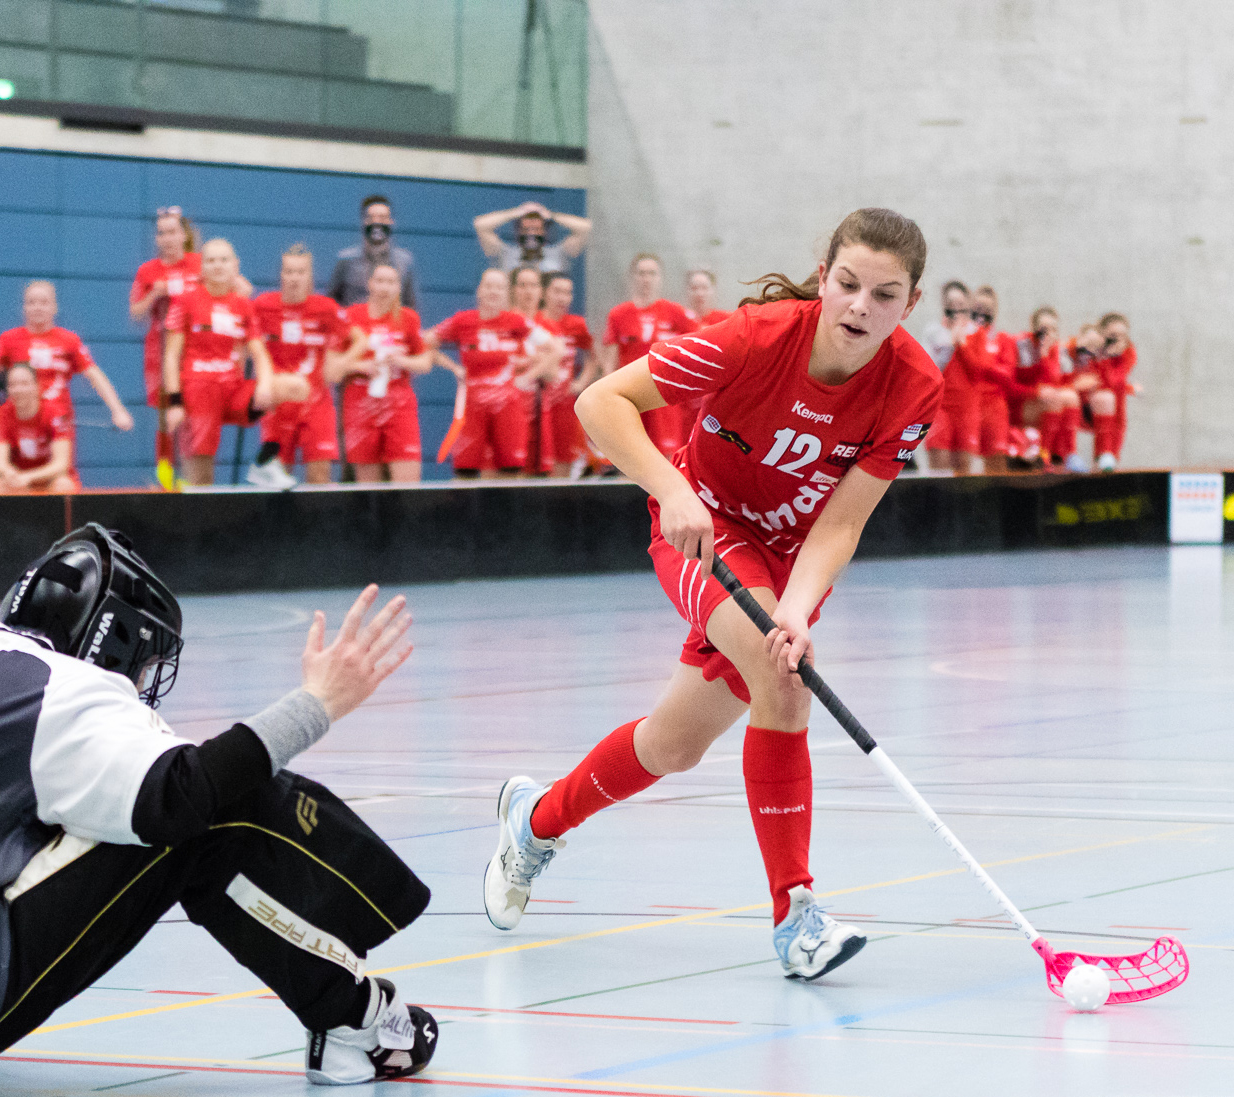 Dieses Wochenende im U18-Nati-Trainingscamp in Schaffhausen: NLA-Spielerin Seraina Fitzi